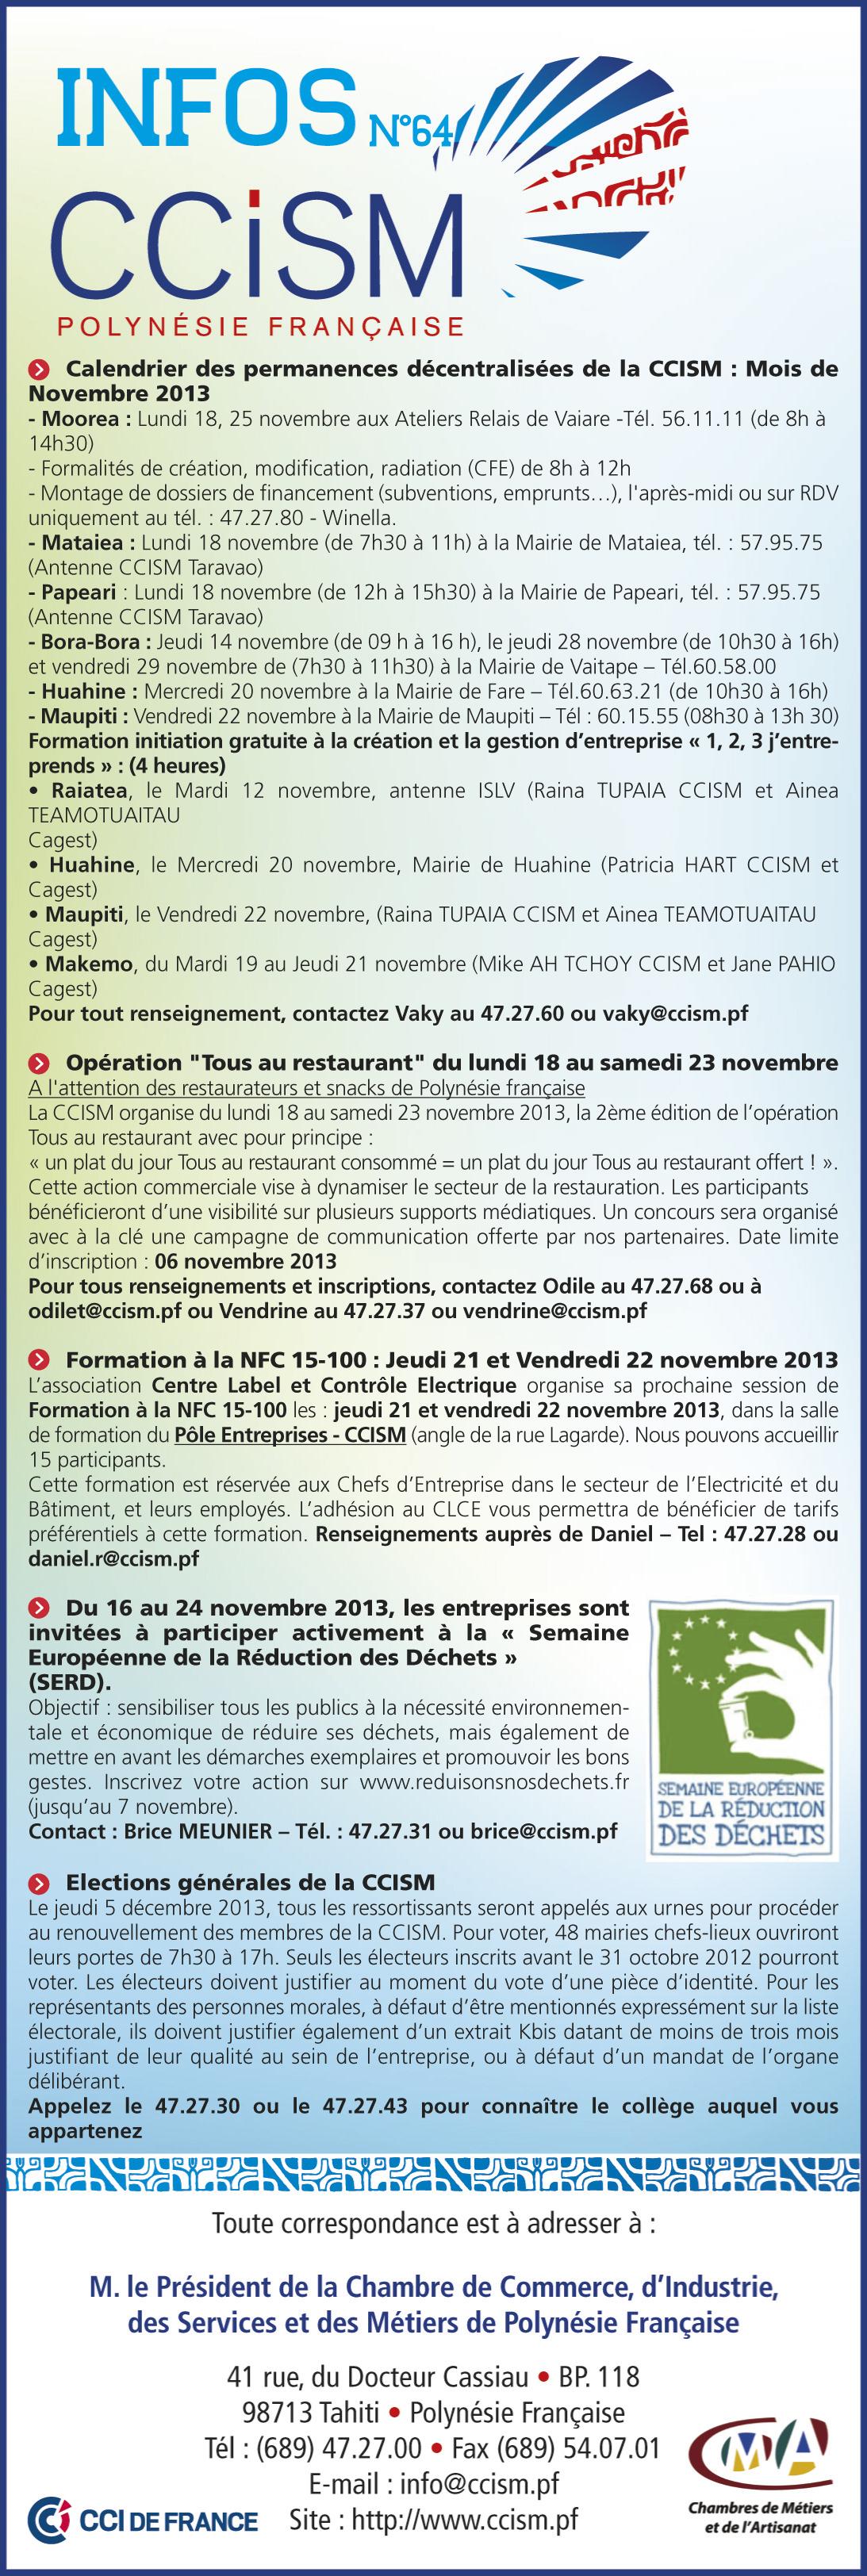 Infos CCISM N°64